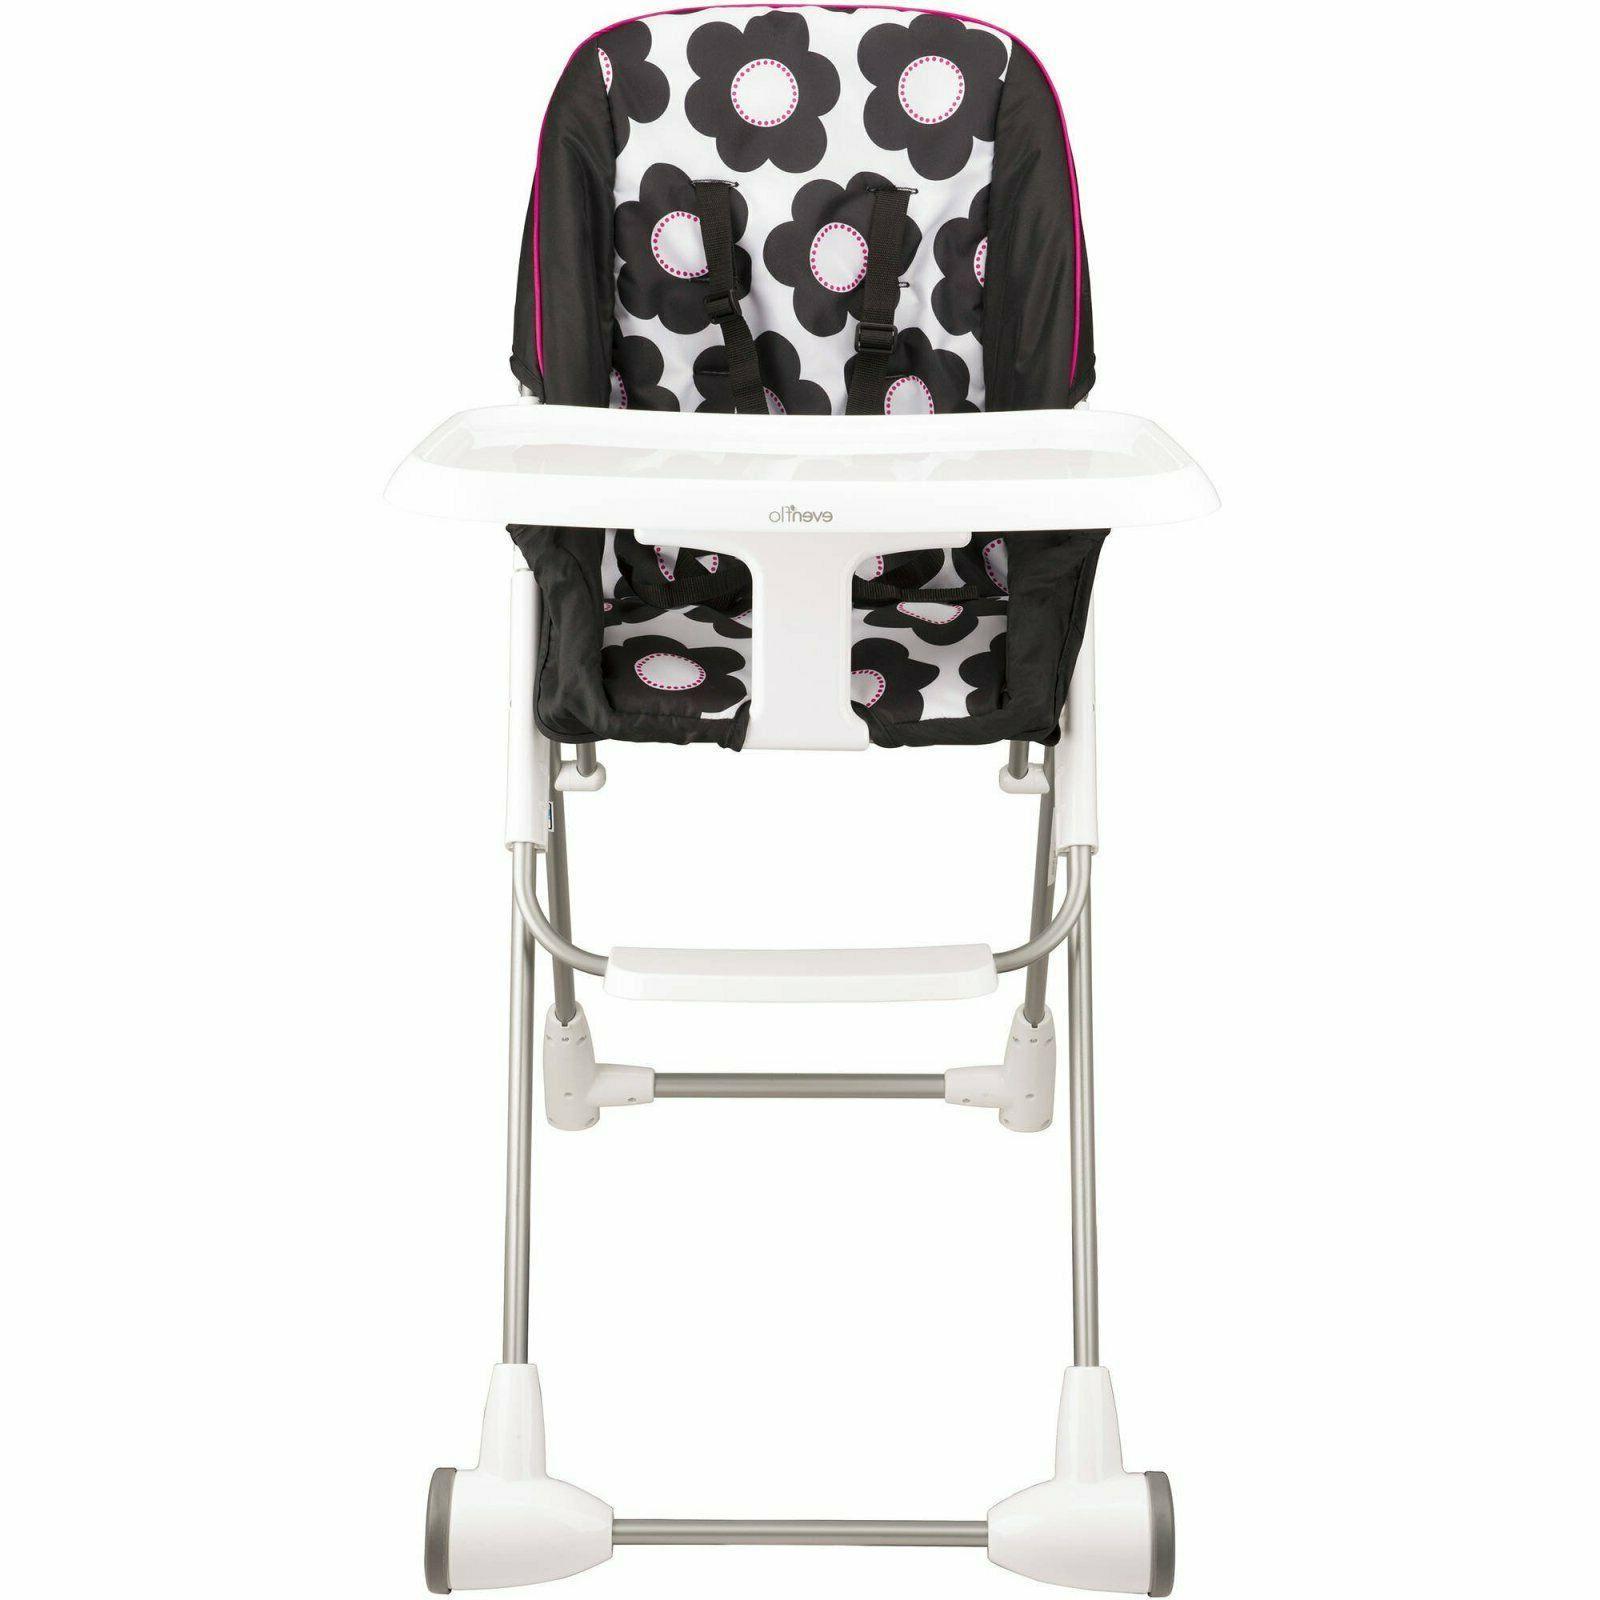 Evenflo Flat Fold High Chair,